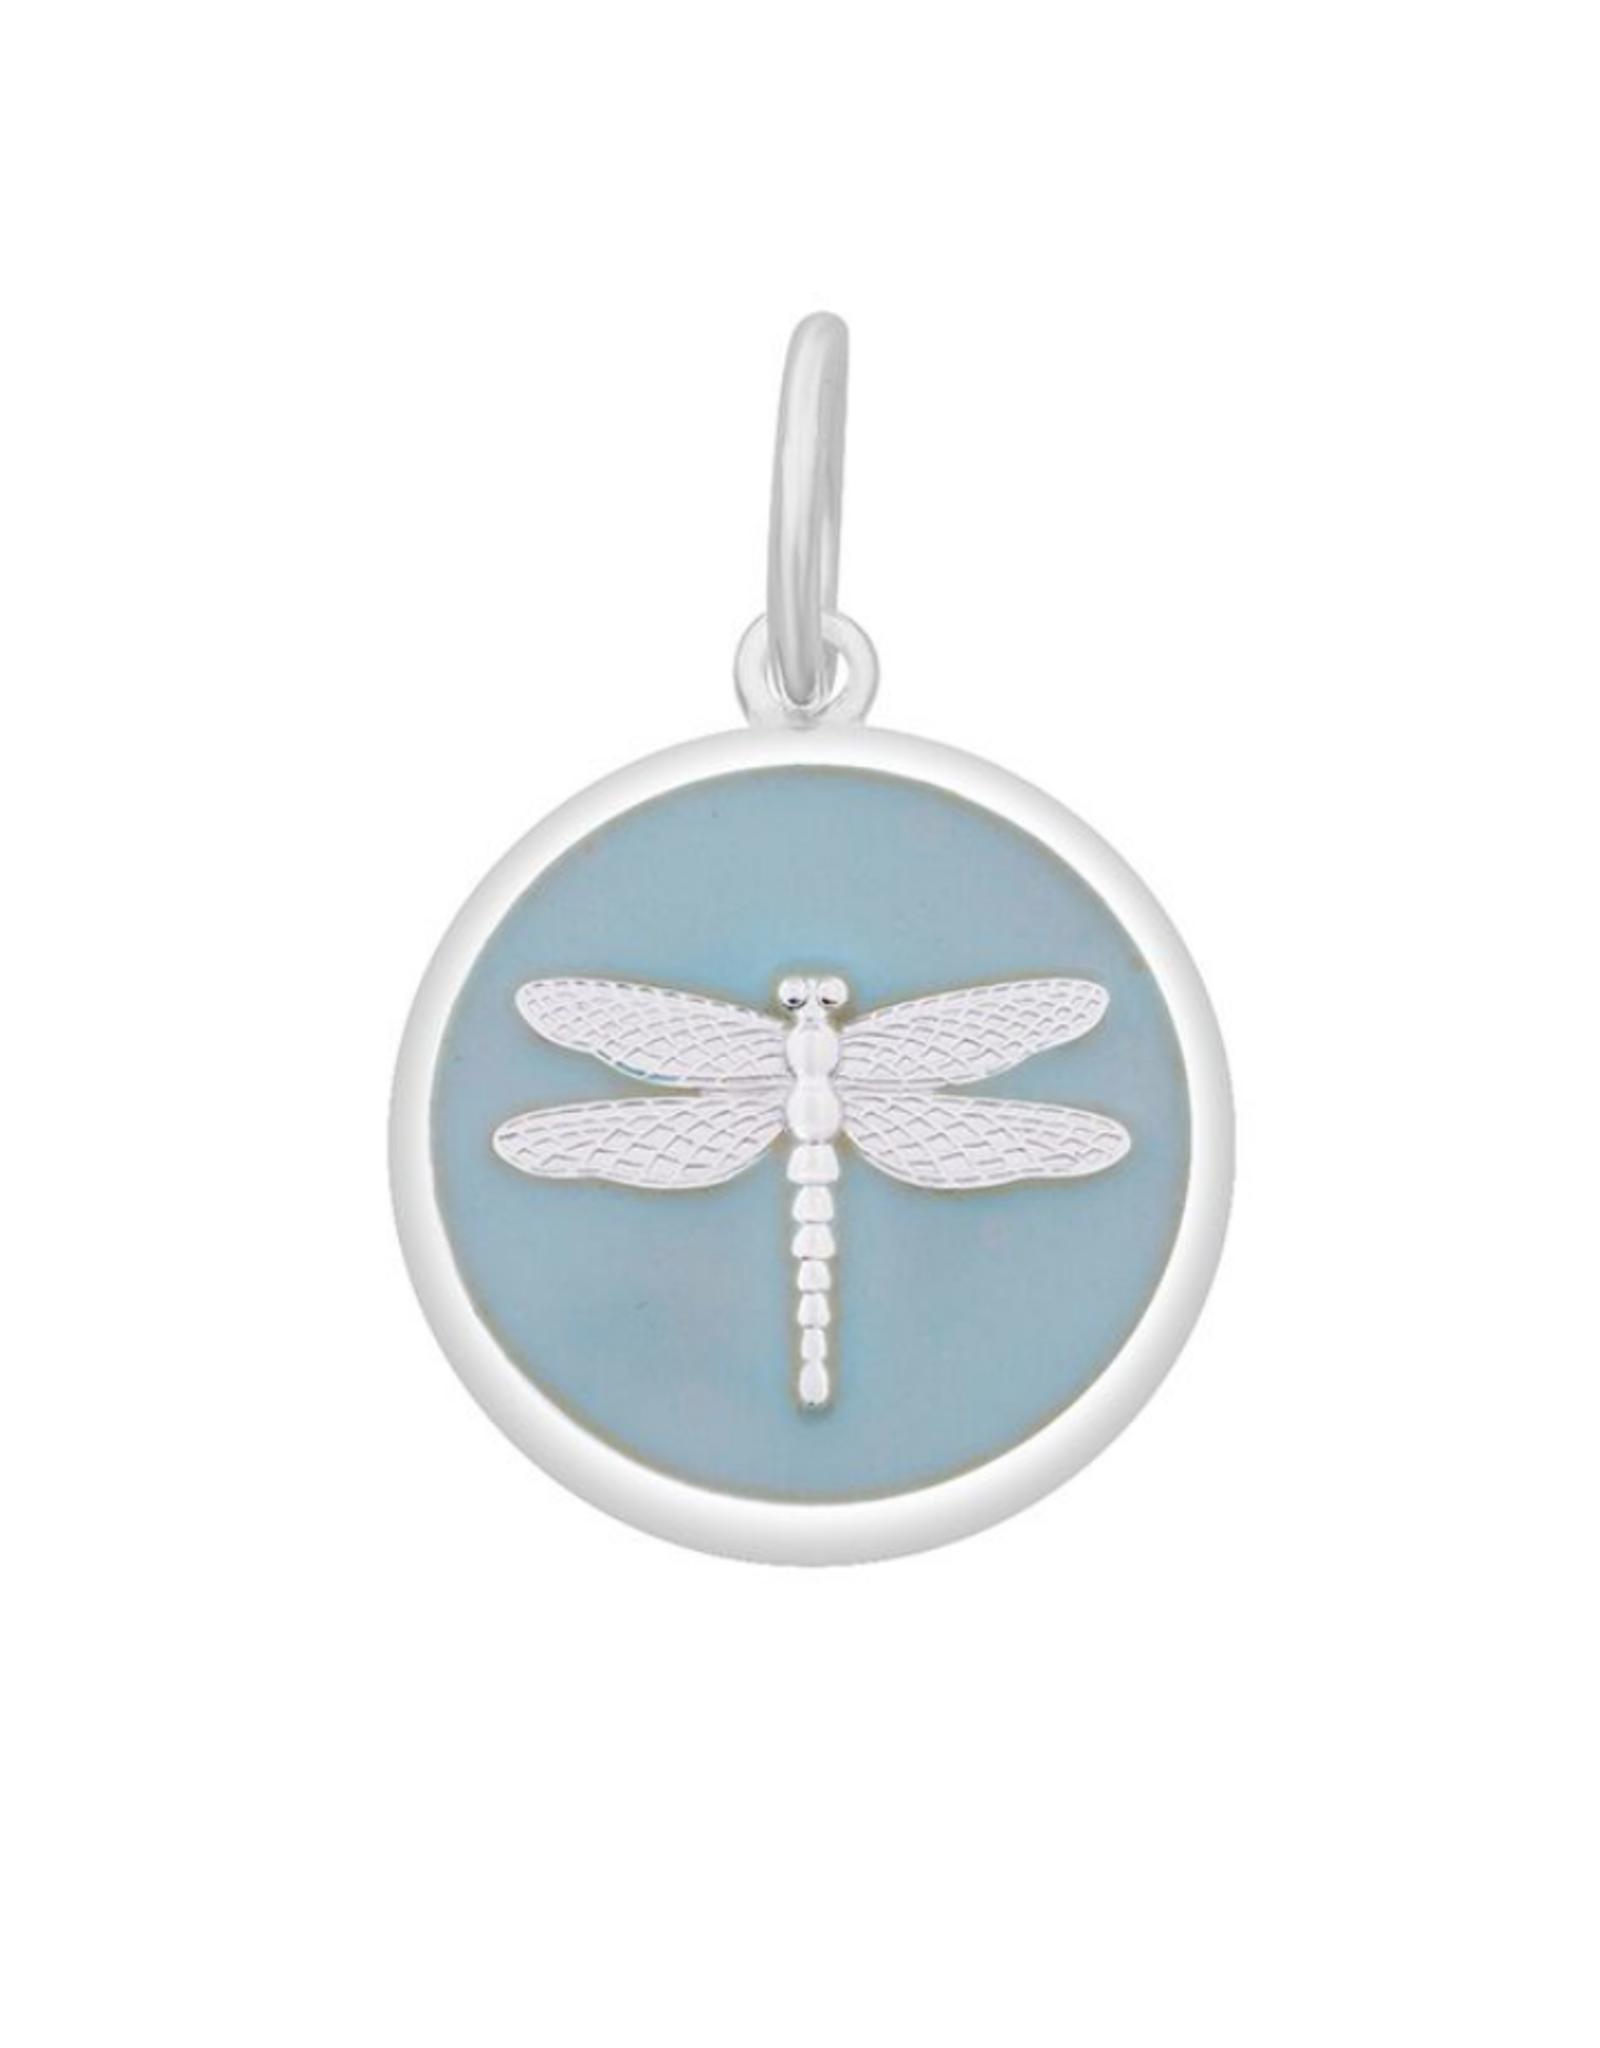 LoLa & Company Lola - Dragonfly Pendant